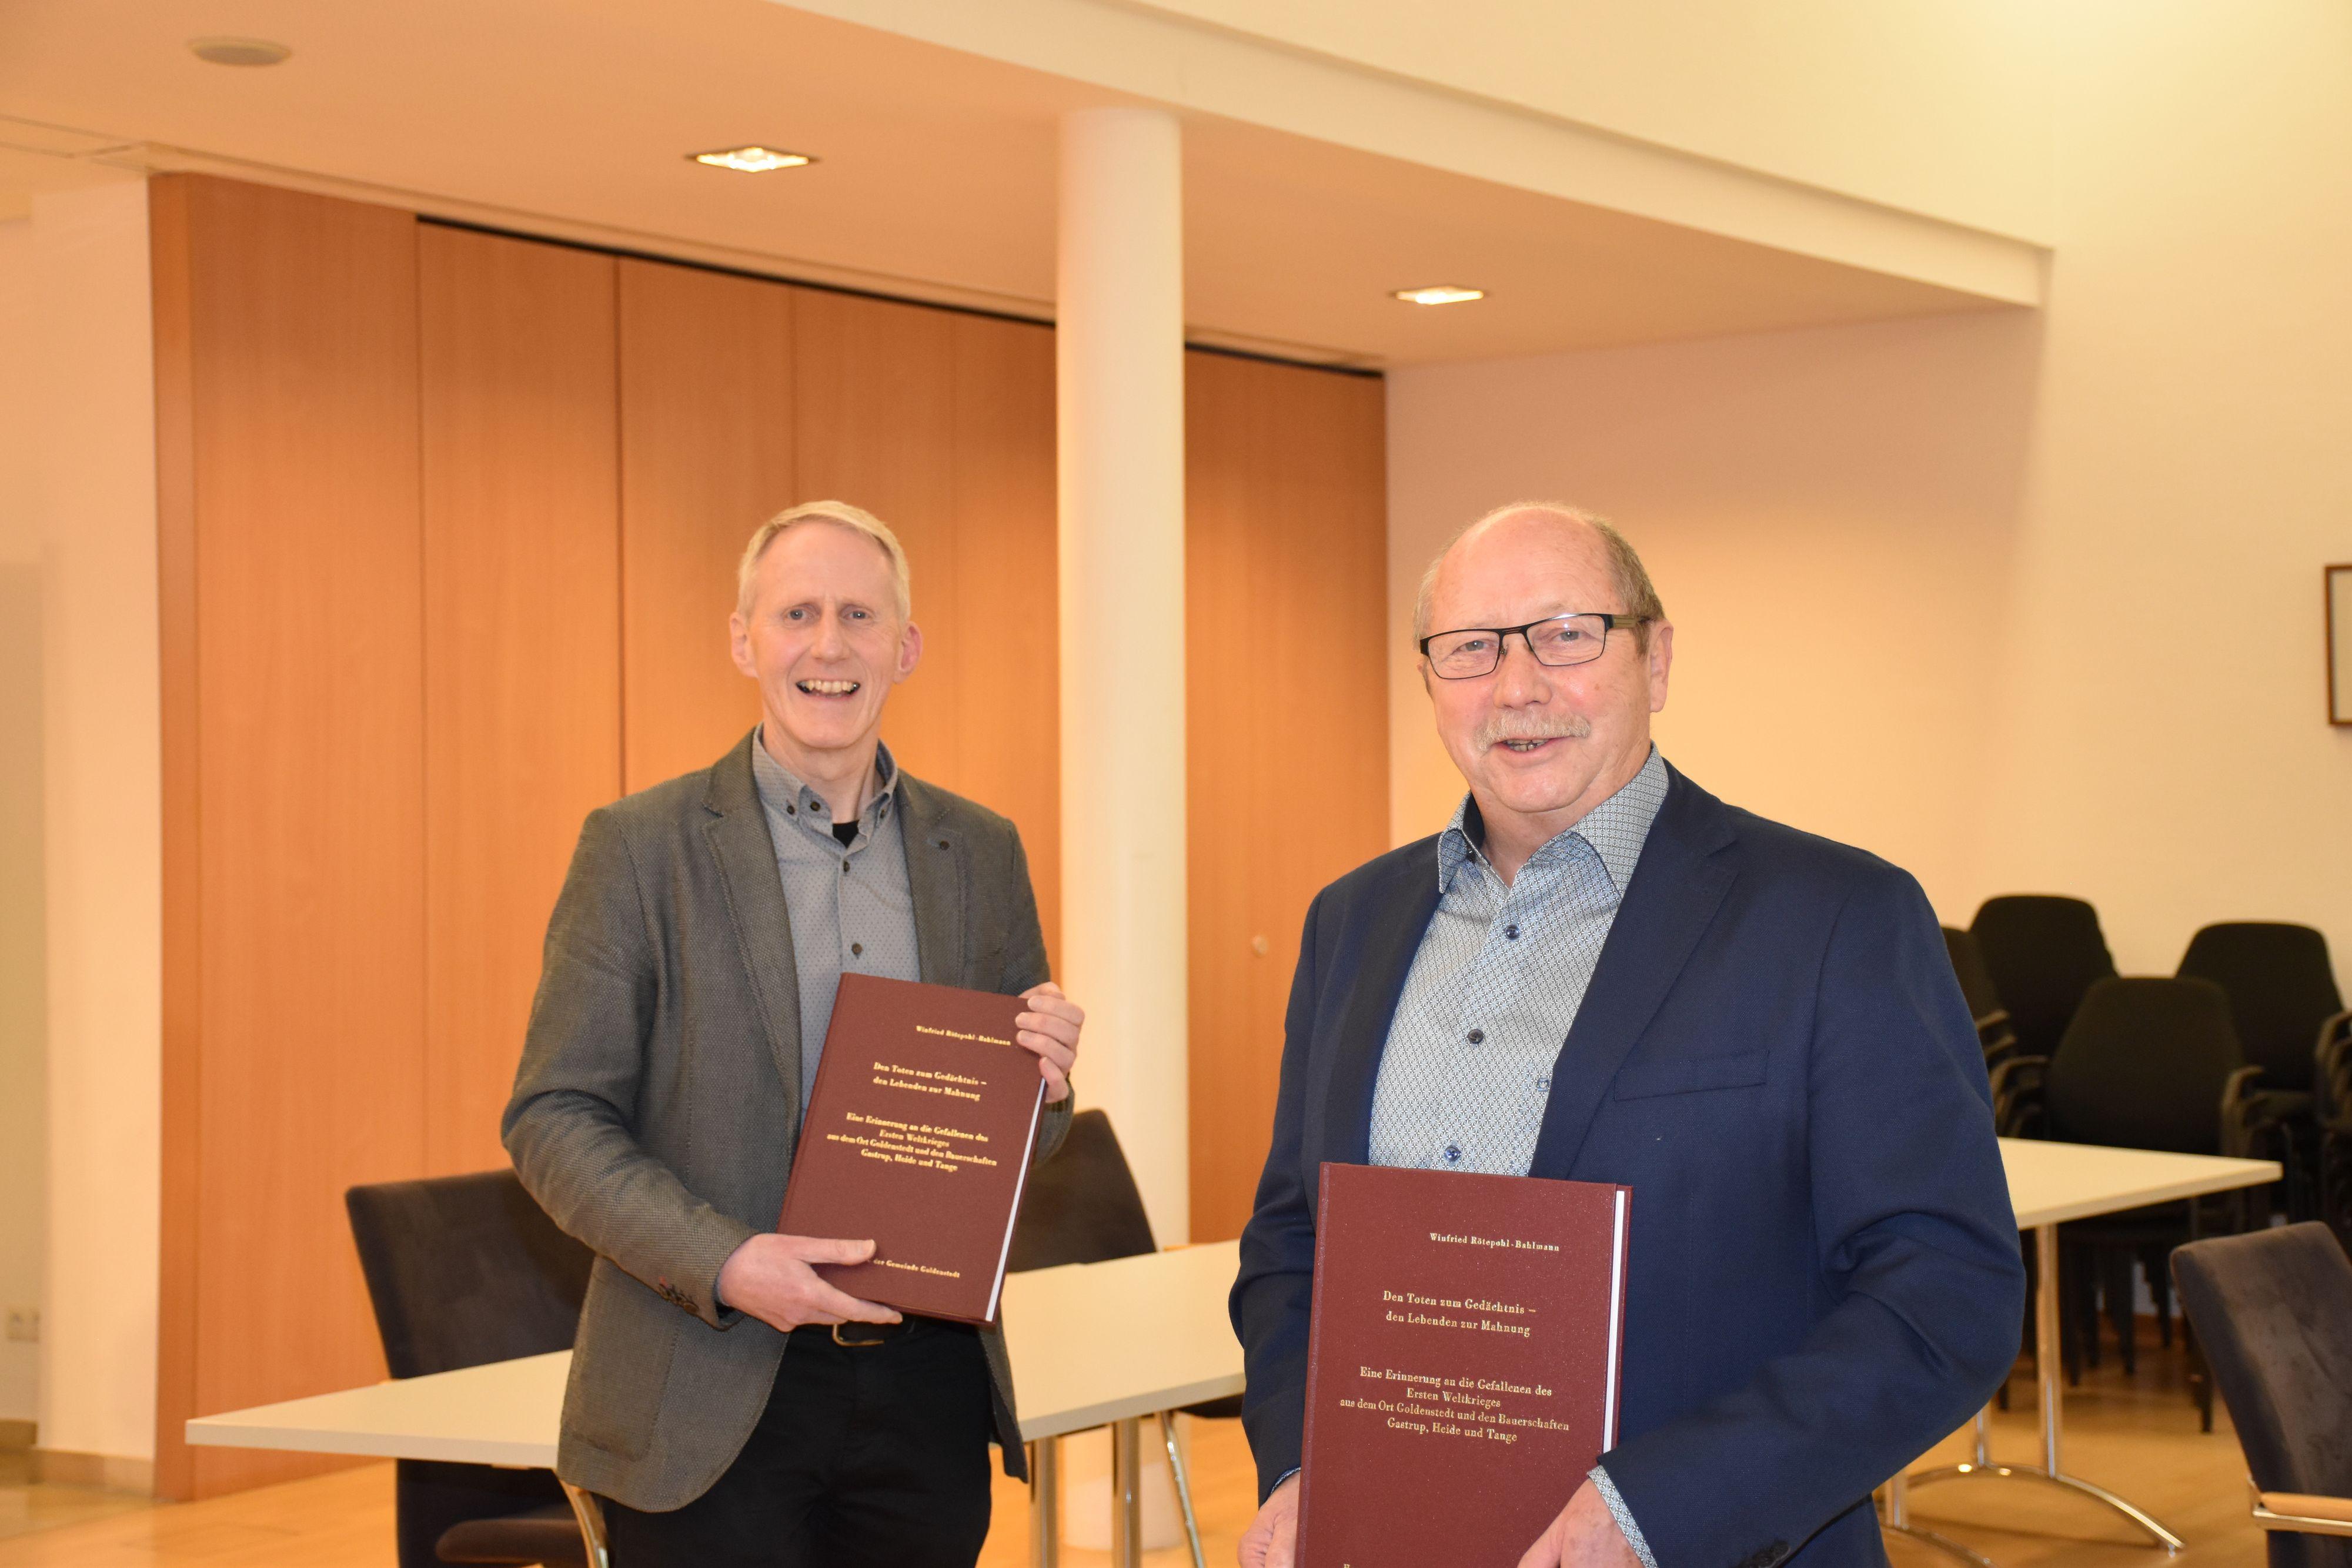 Bürgermeister und Autor setzen auf das bewährte Layout: Alfred Kuhlmann (links) und Winfried Rötepohl-Bahlmann. Foto: Ebert